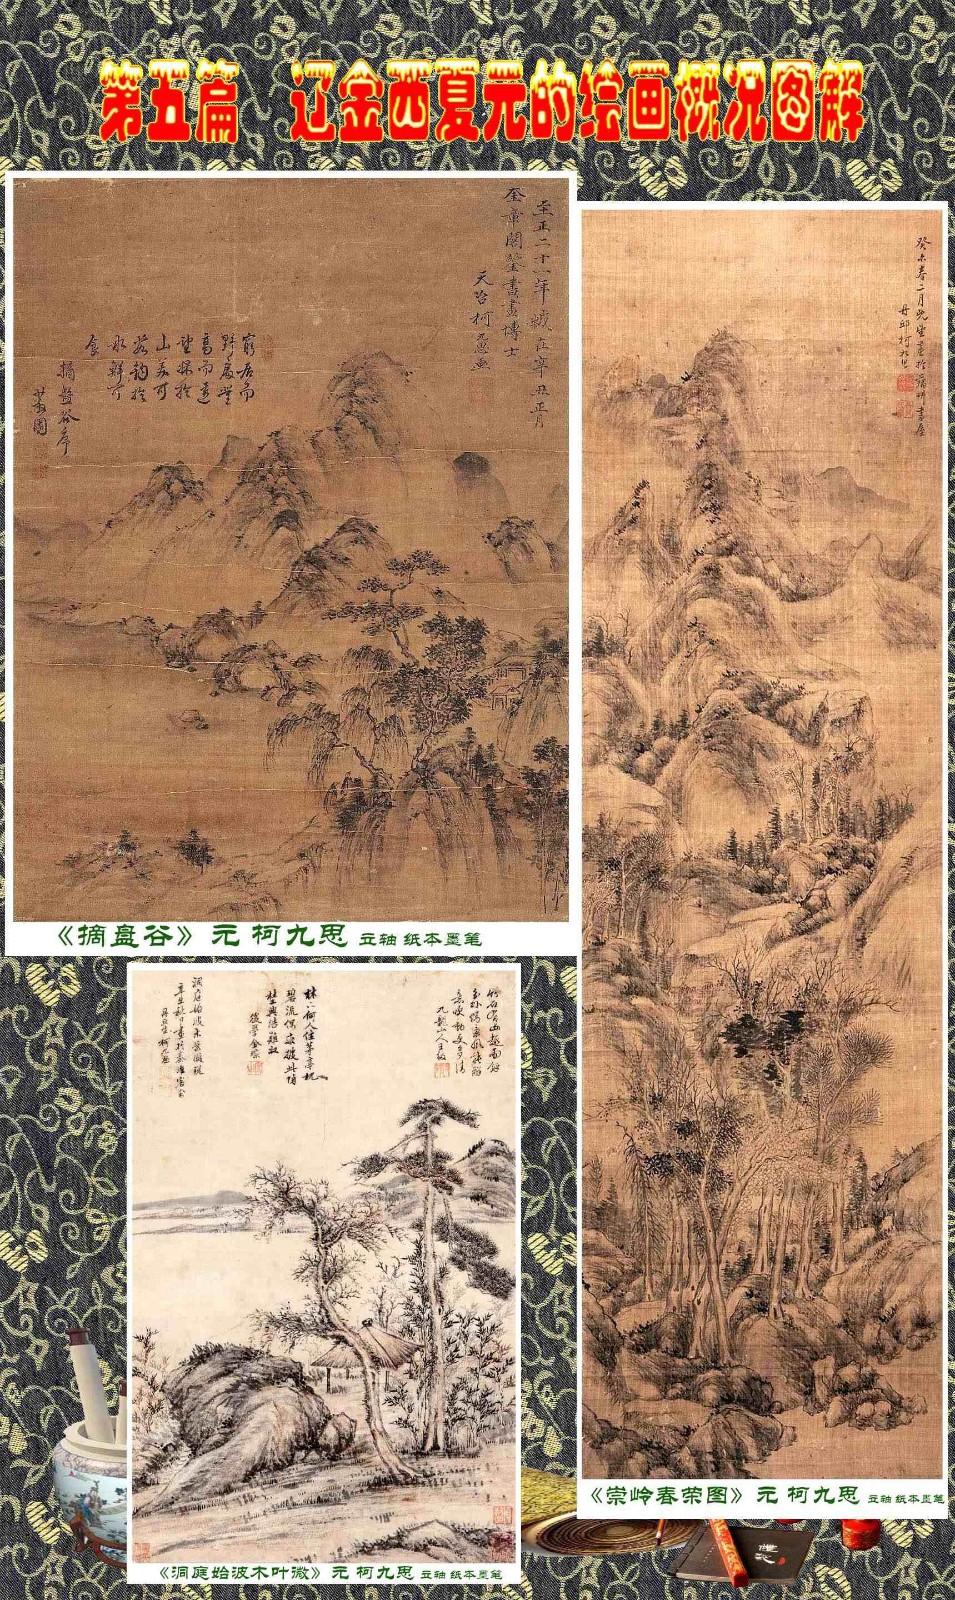 顾绍骅编辑 中国画知识普及版 第五篇 辽金西夏元的绘画概况 下 ... ..._图1-7